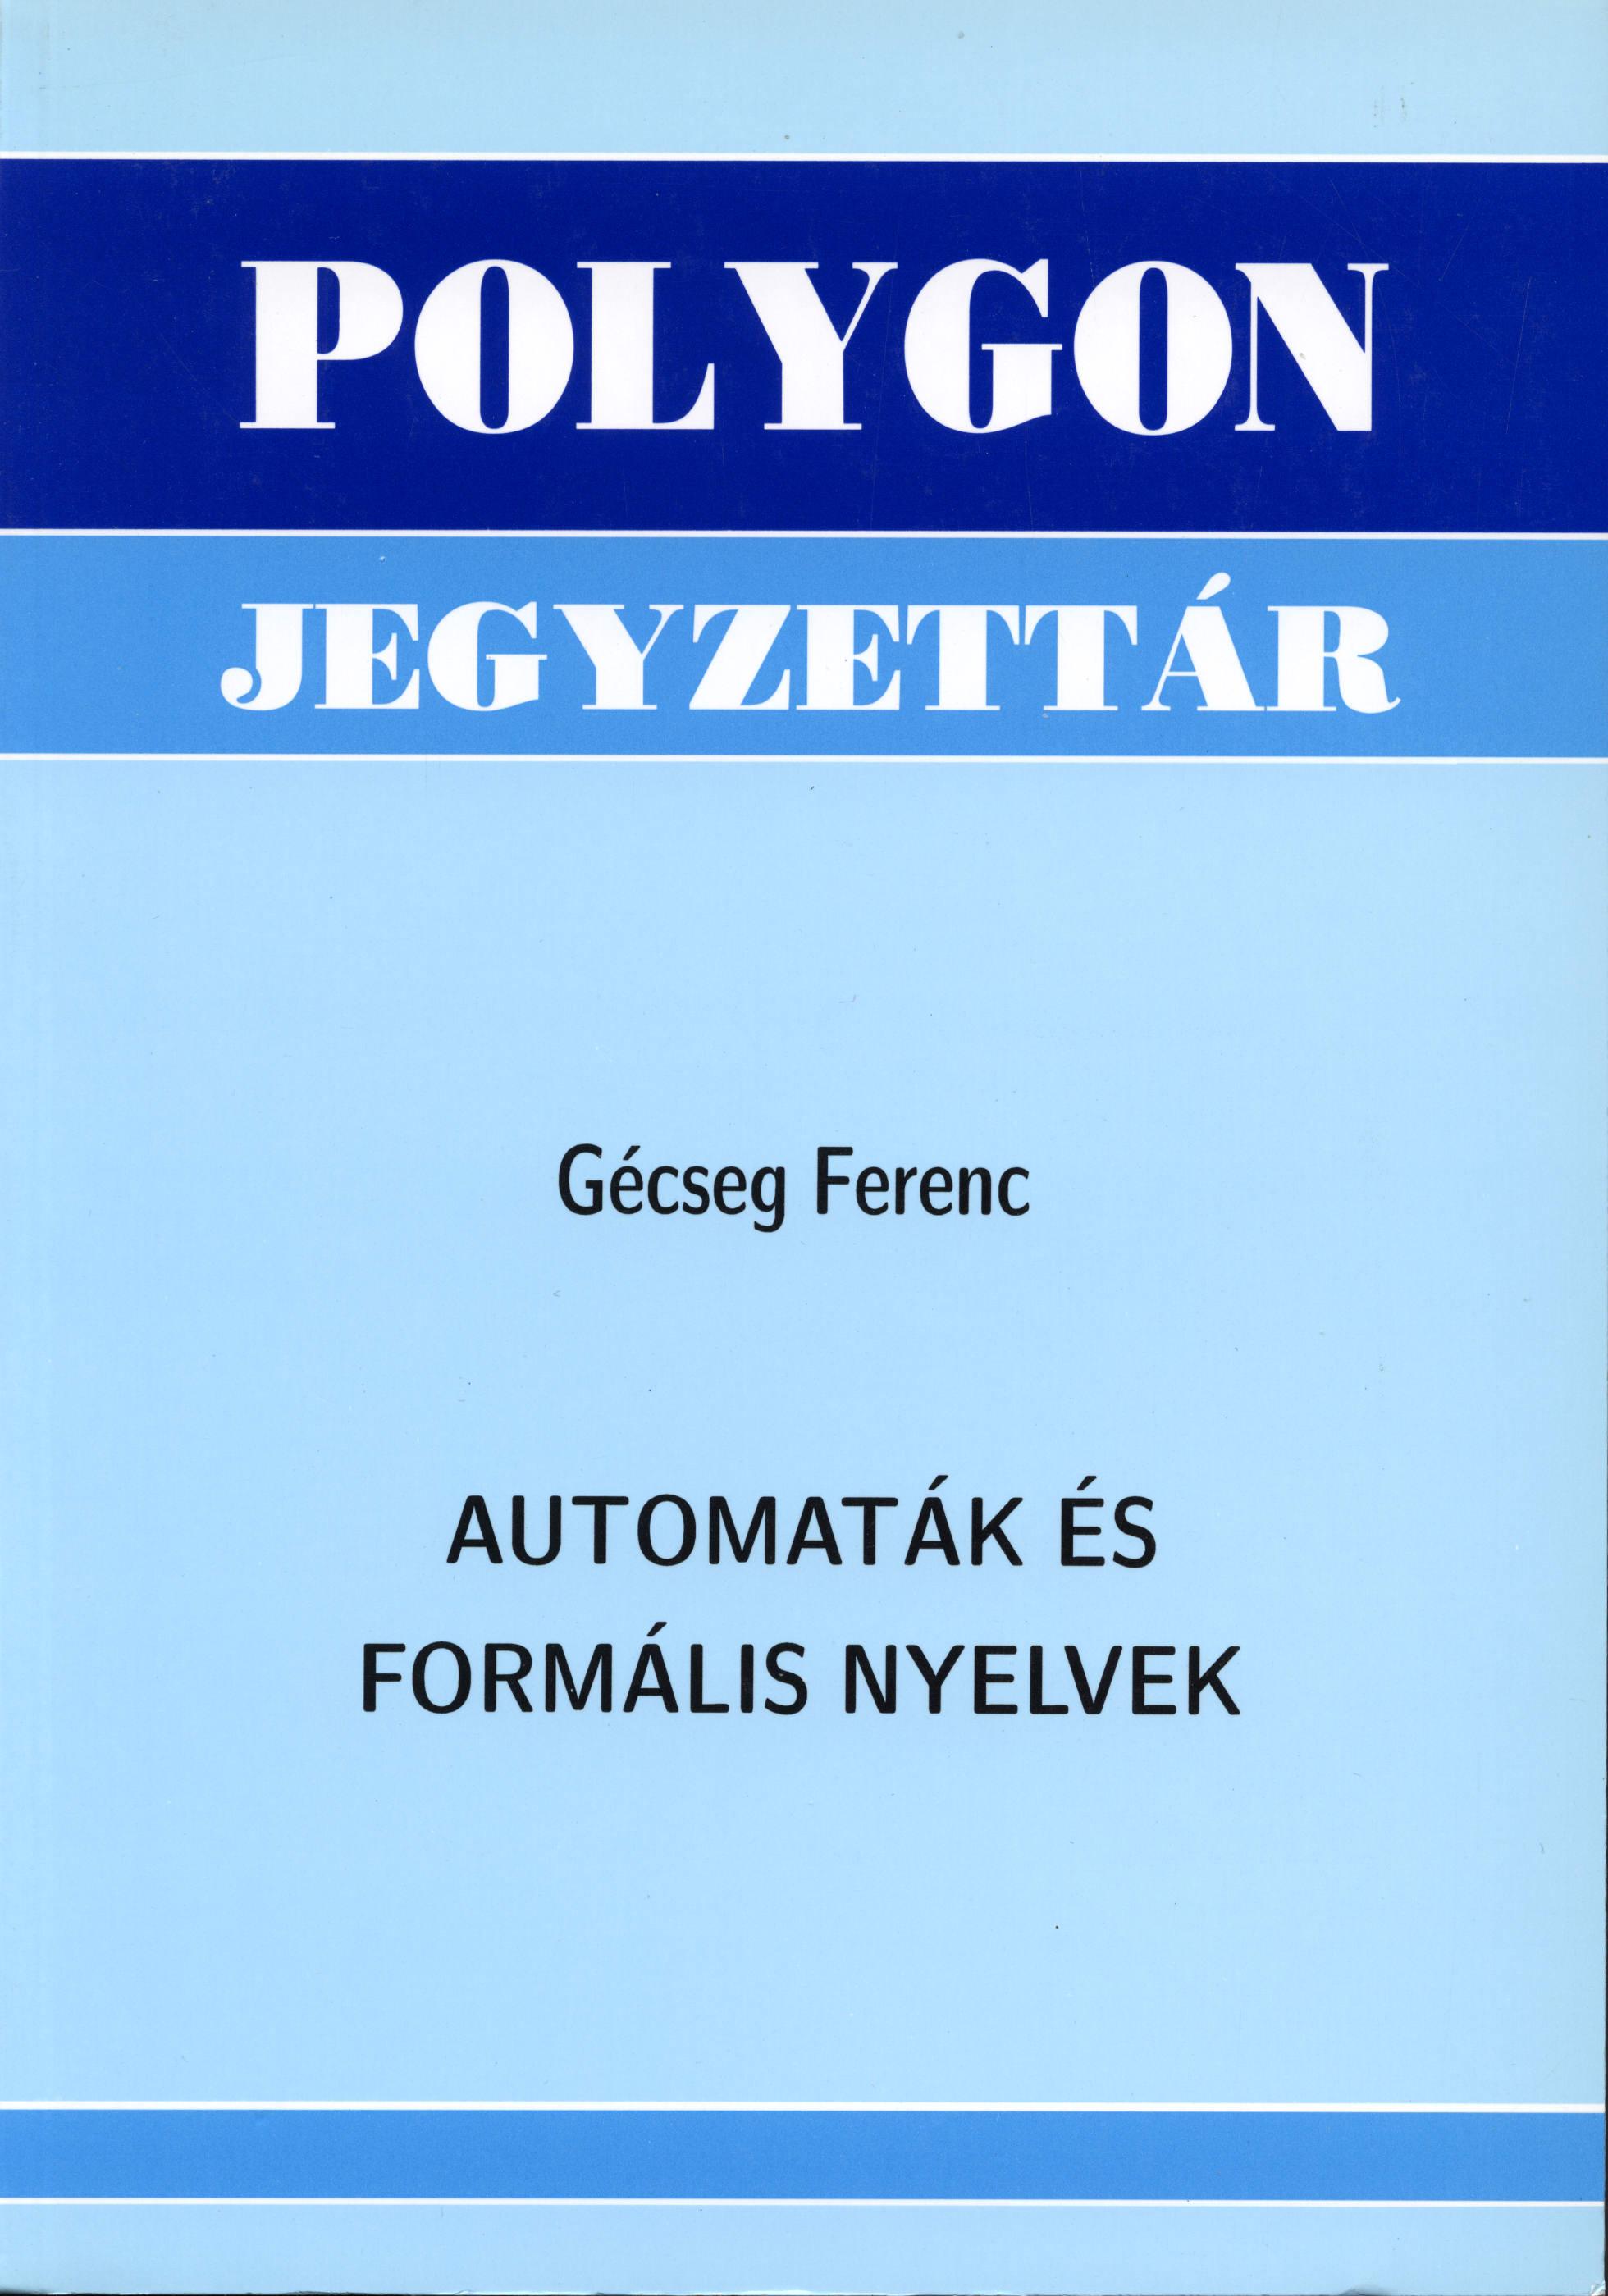 Automaták és formális nyelvek - Polygon jegyzet